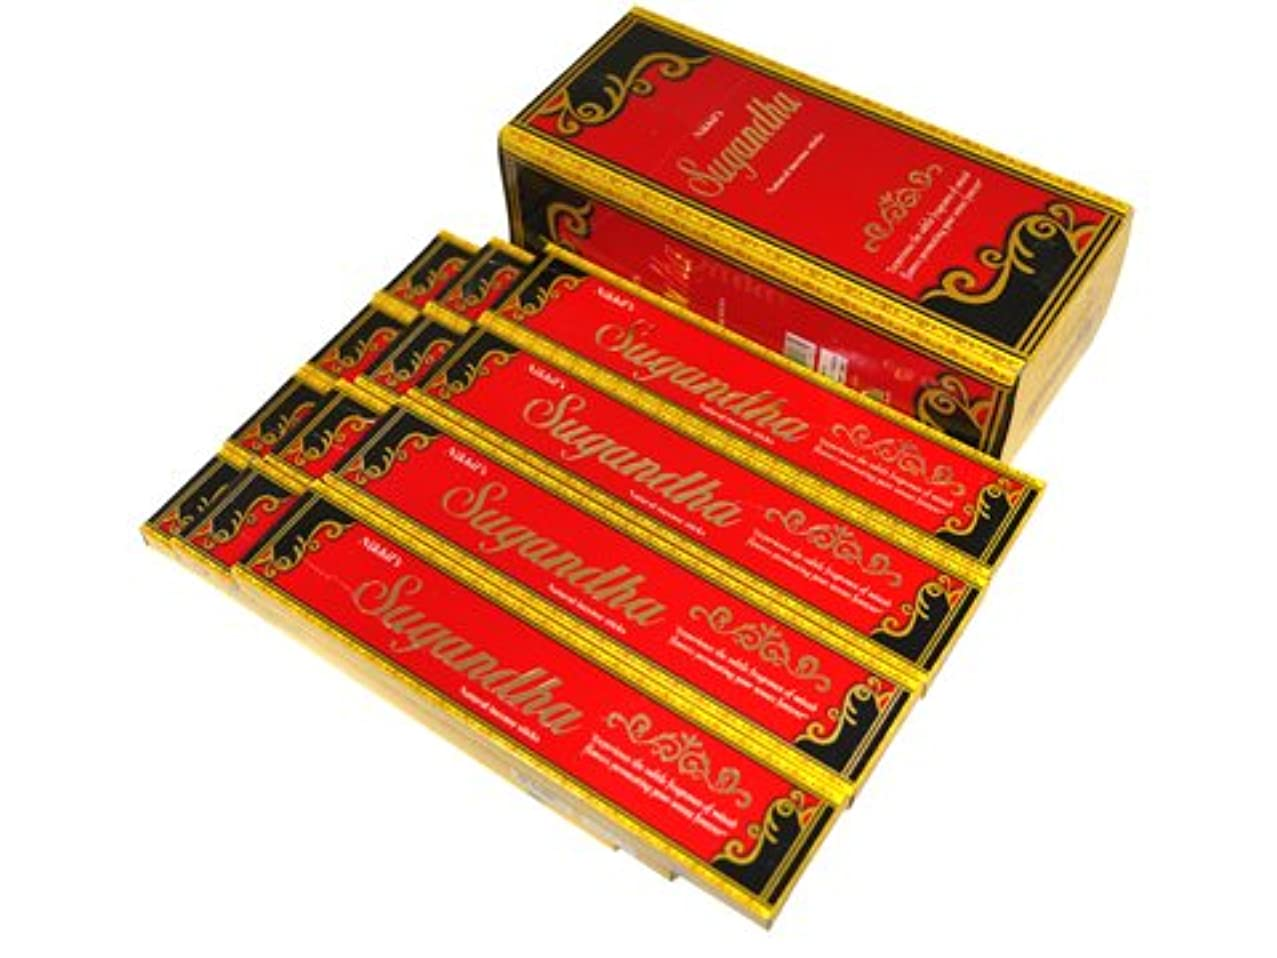 カップル安価な気晴らしNIKHIL'S(ニキルズ) SUGANDHA スガンダ香 スティック 12箱セット